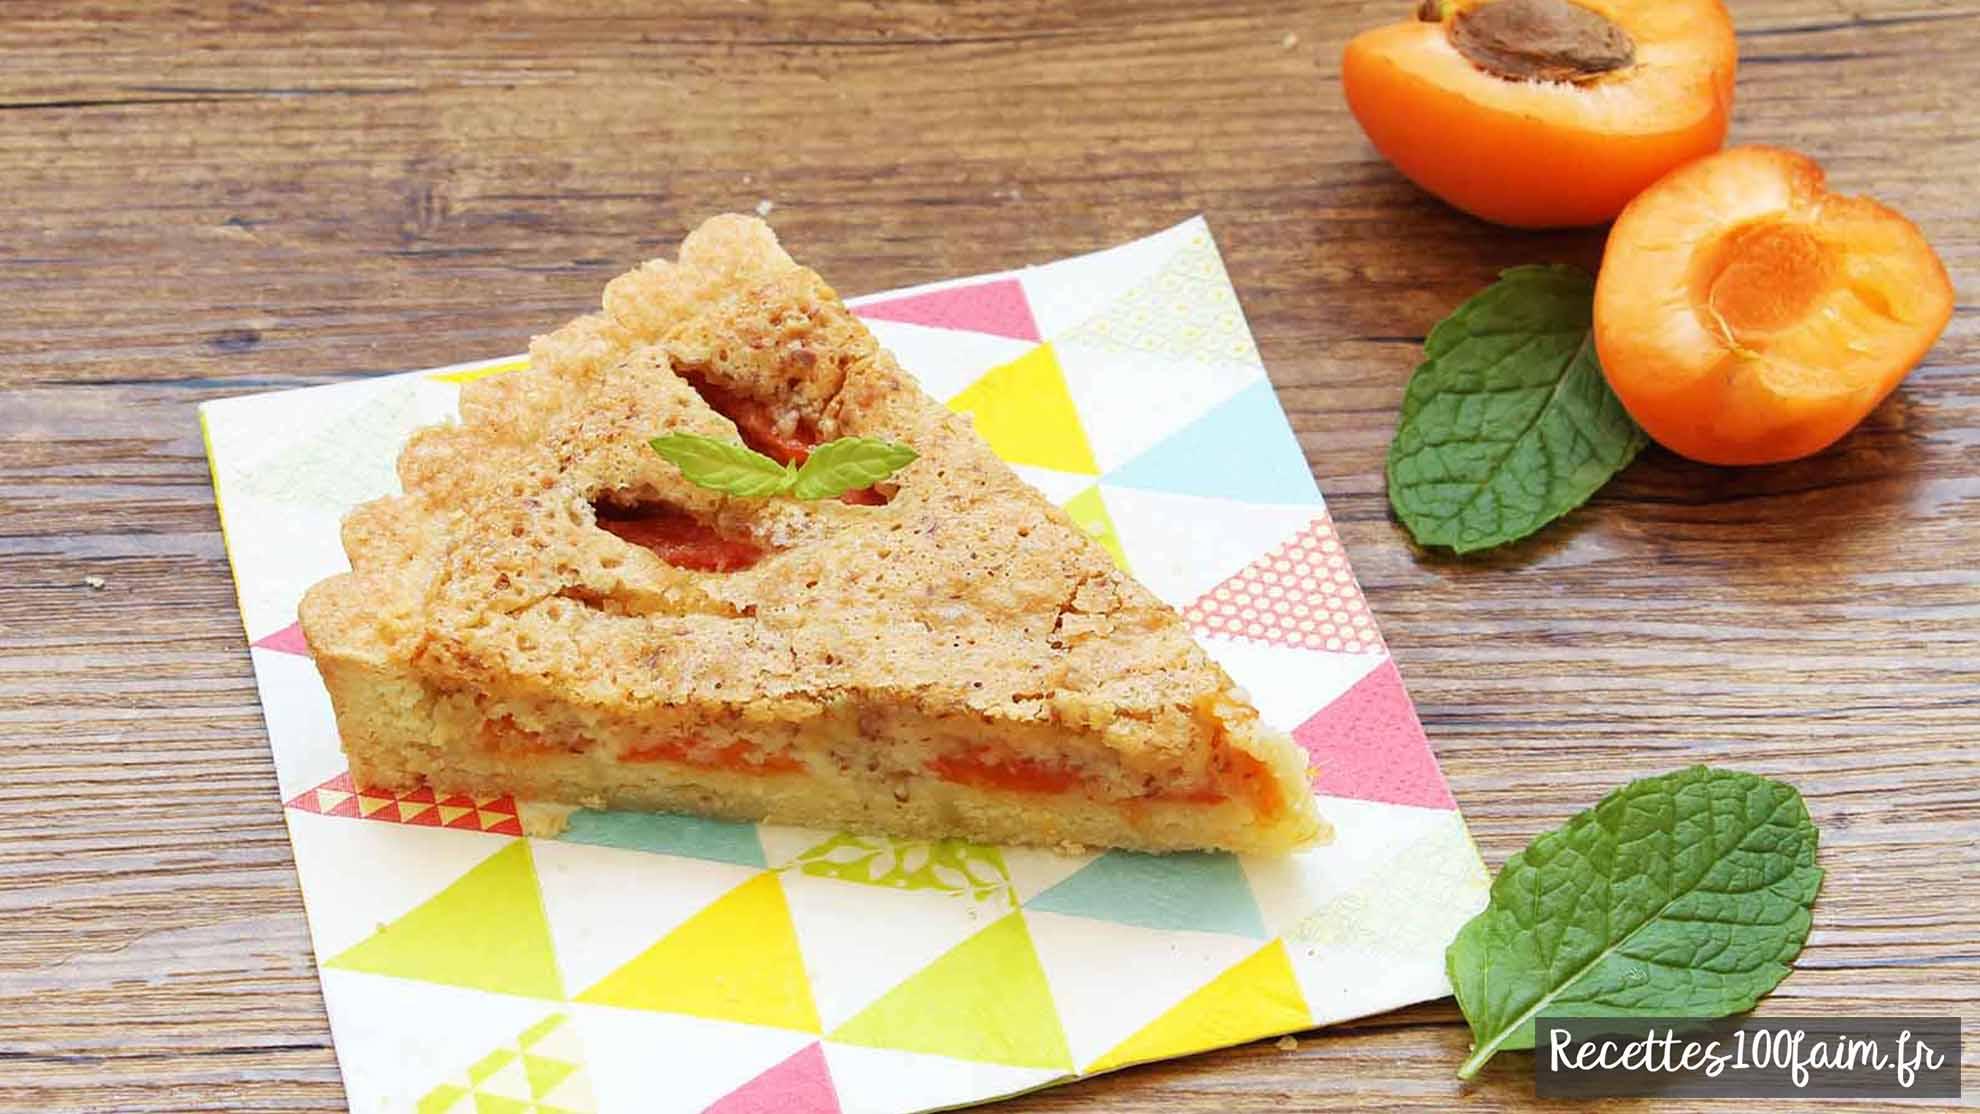 Recette d'amandine aux abricots avec creme d'amande